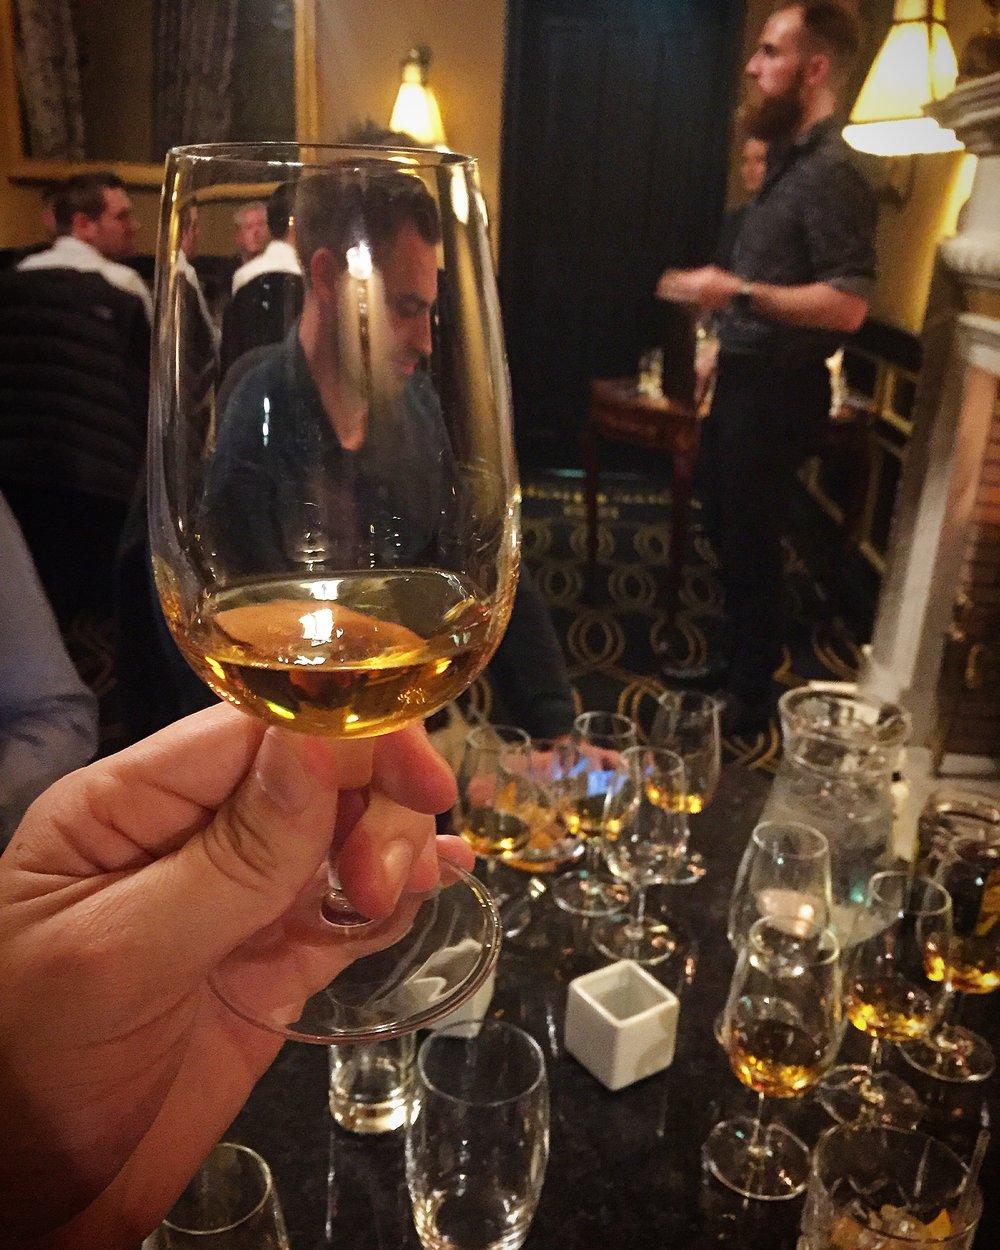 straight_serve_whiskey_powers_irish_whiskey_merchant_hotel_belfast_ni_explorer_niexplorer.jpg